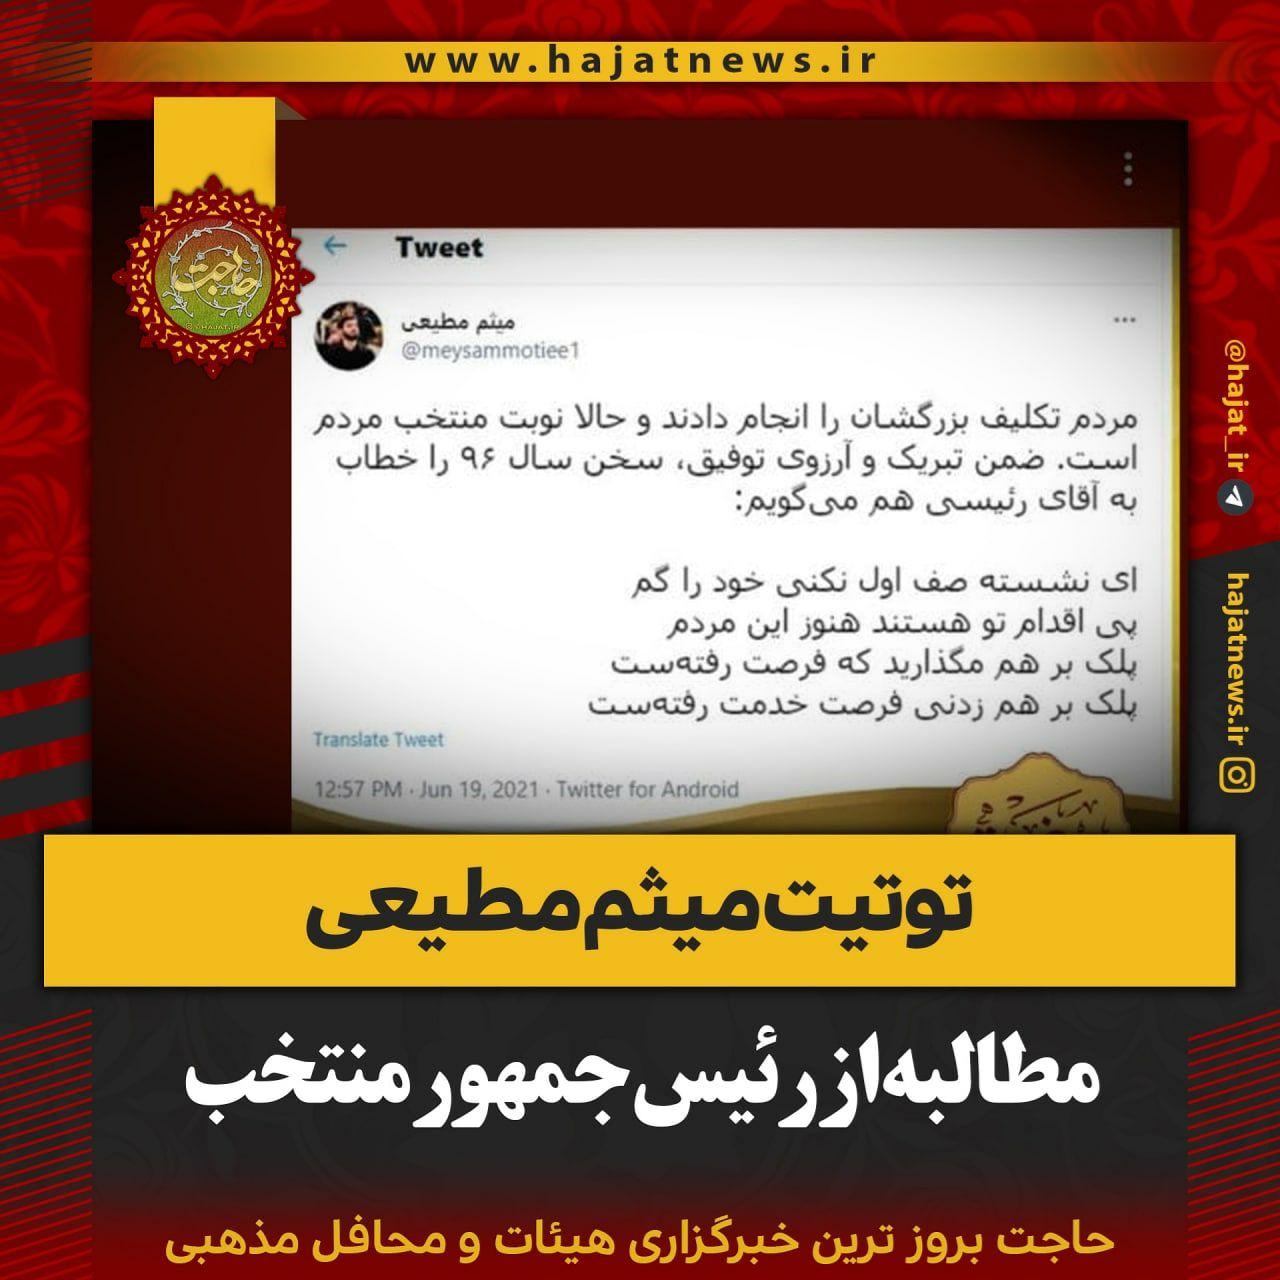 تصویر از واکنش میثم مطیعی به انتخاب رئیسی توسط مردم